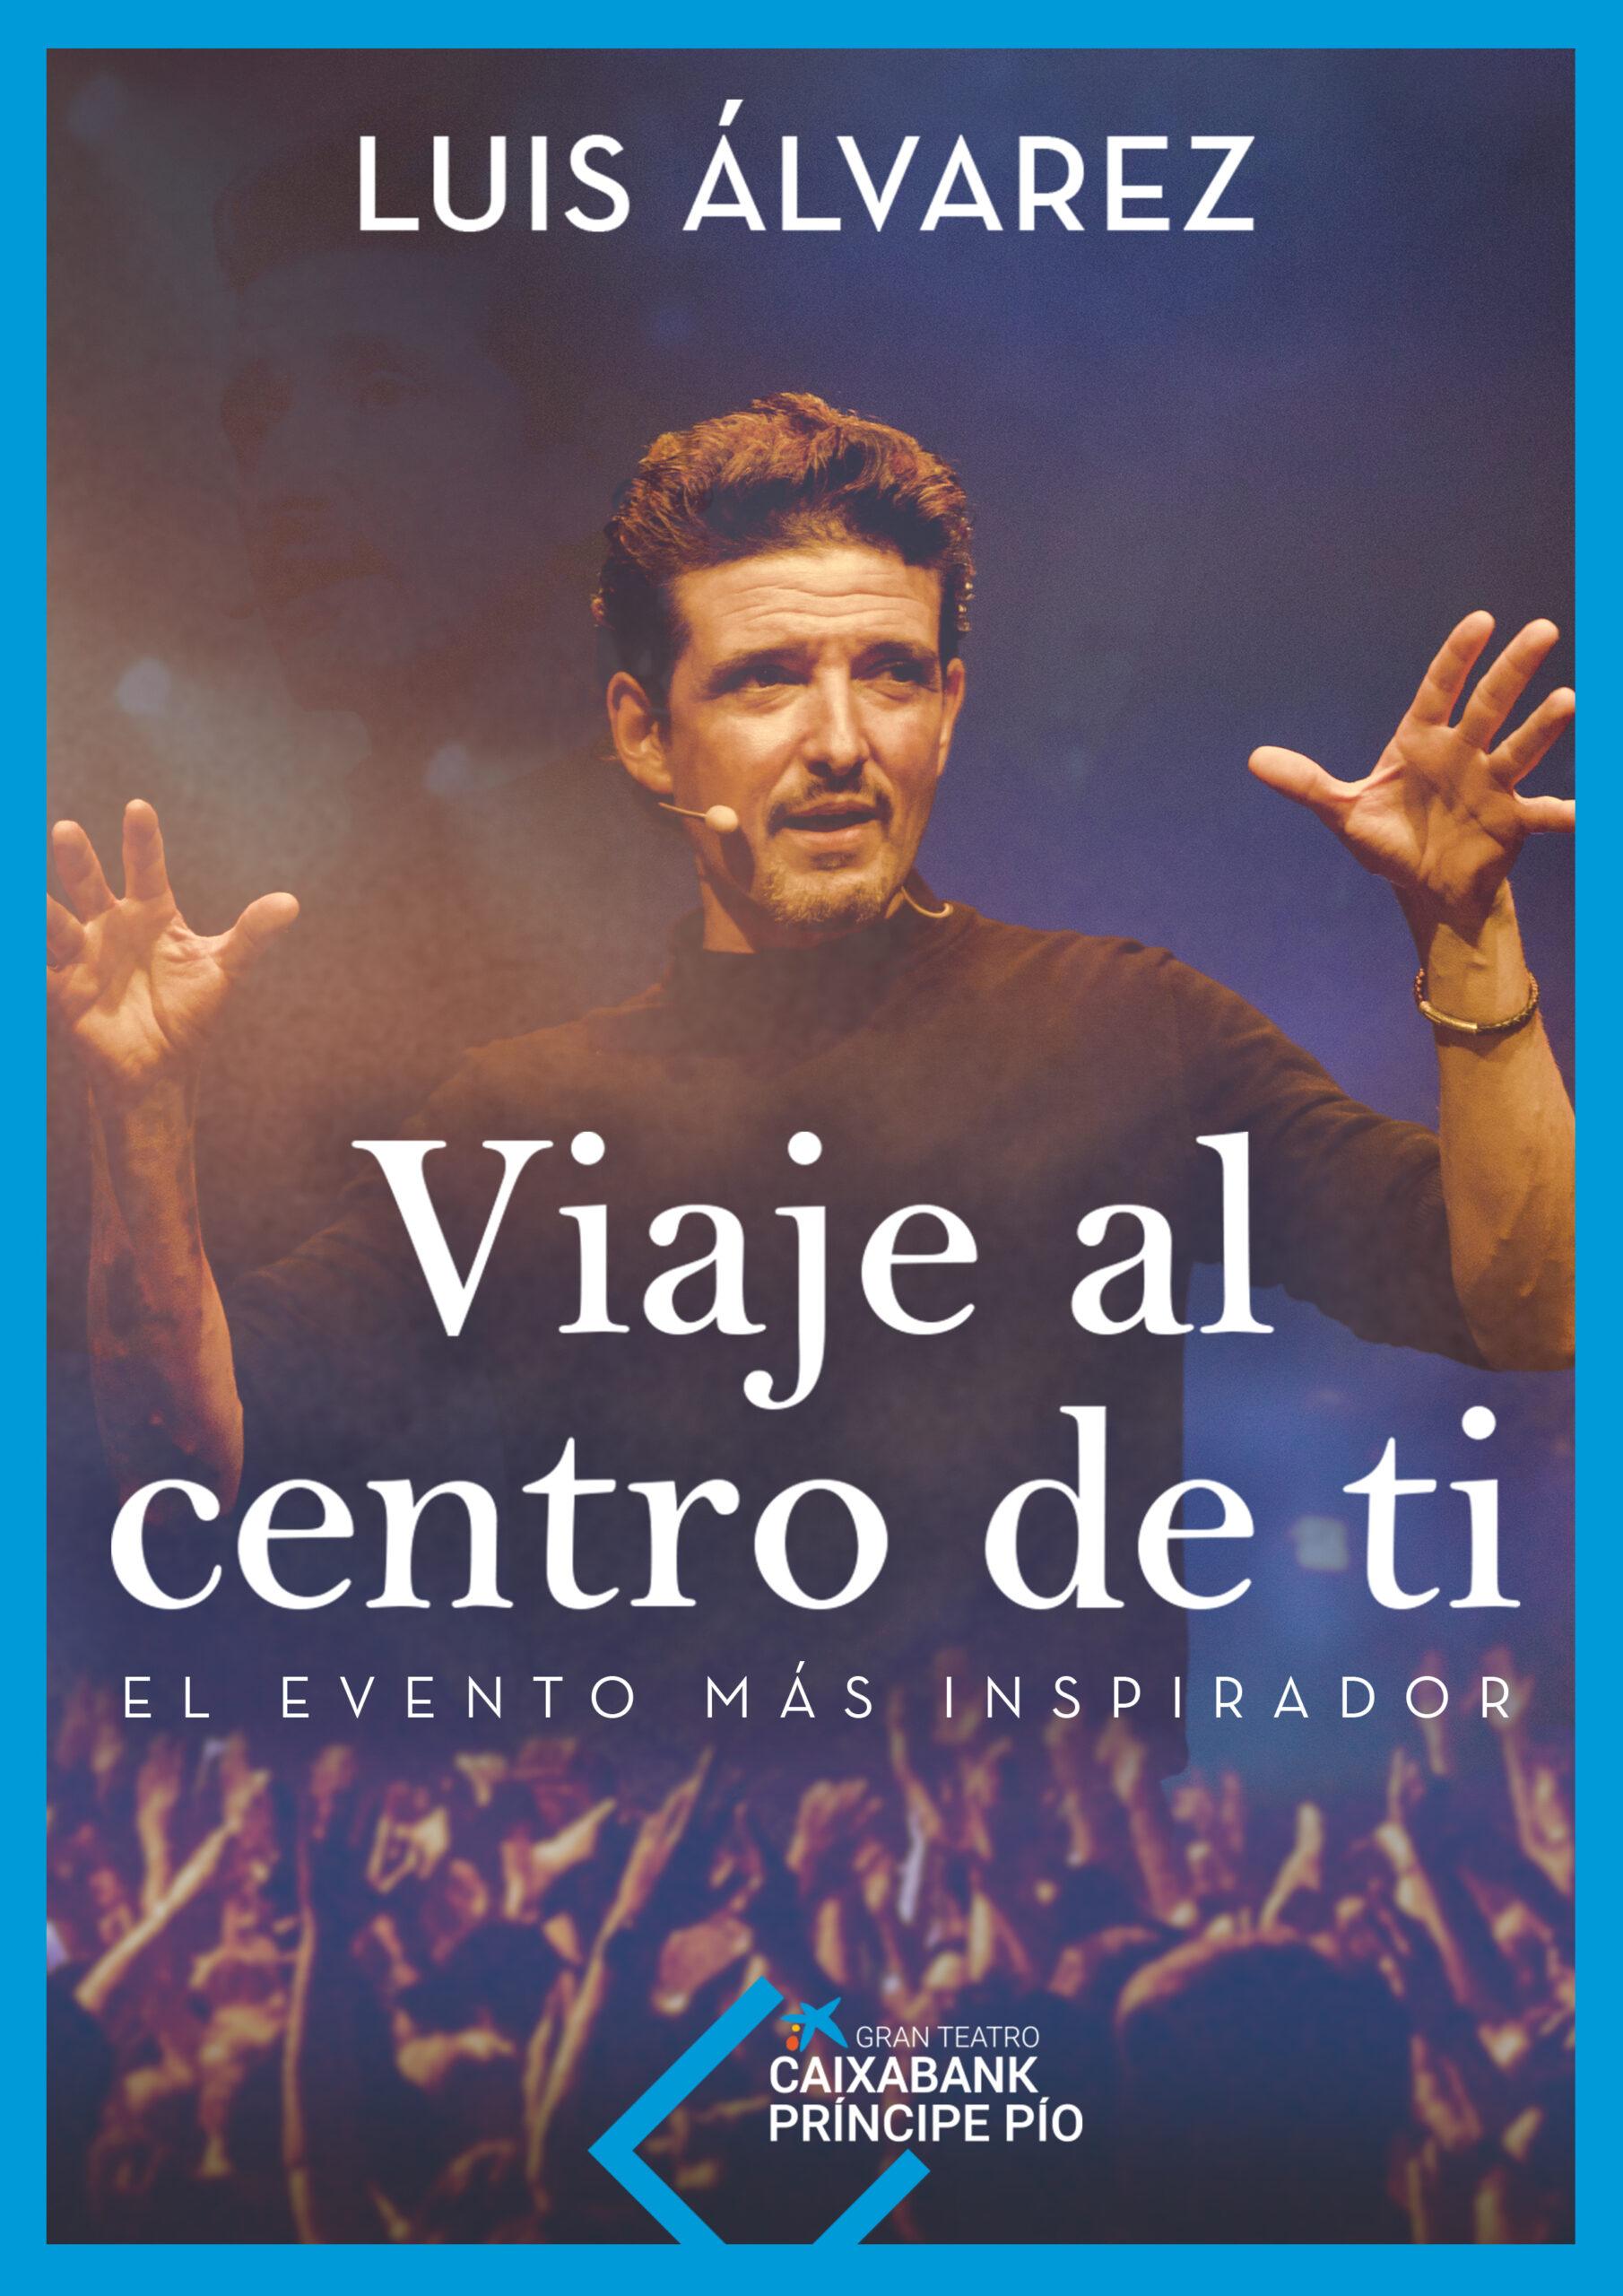 LUIS ALVAREZ - VIAJE AL CENTRO DE TI